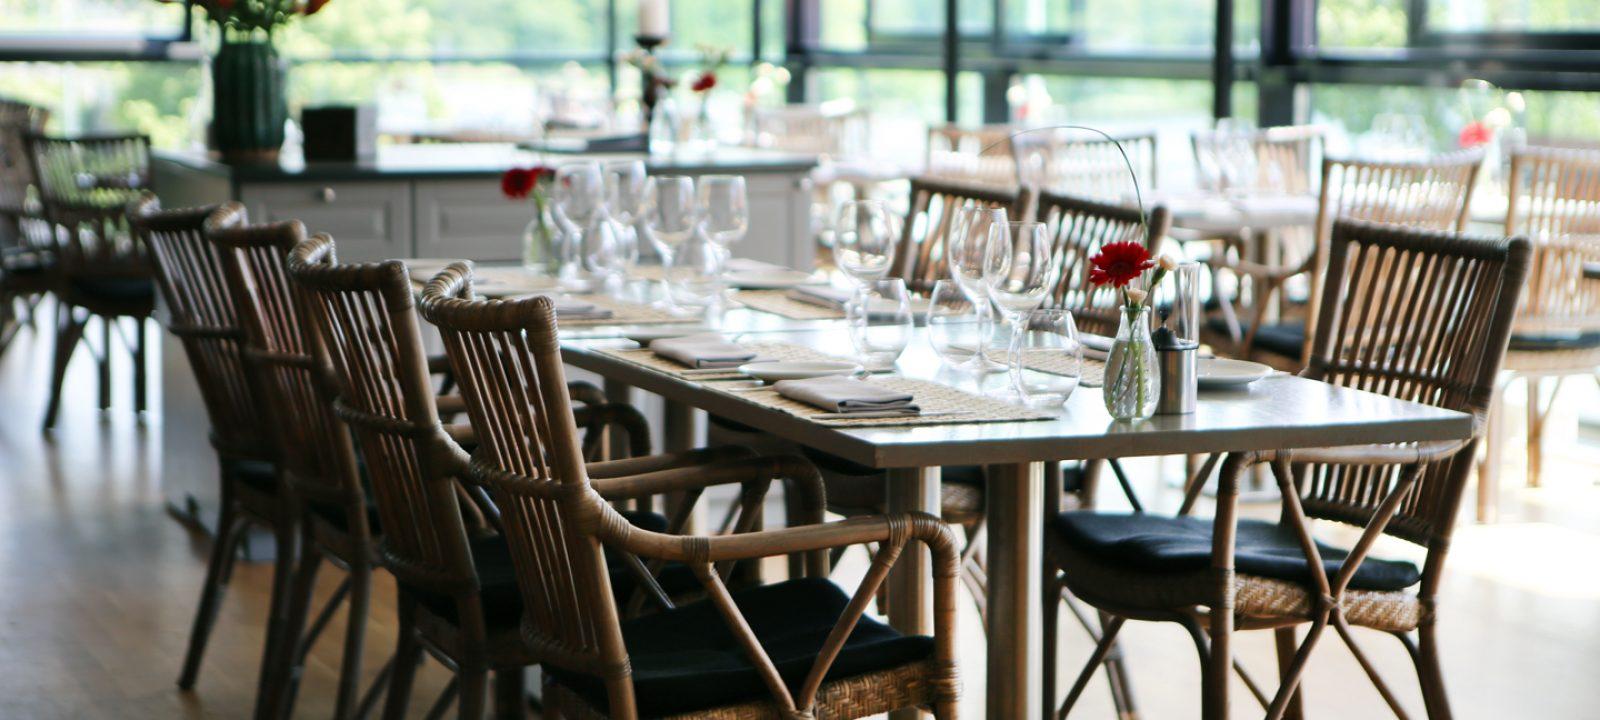 Restaurang Gustaf Bratt - Glashuset